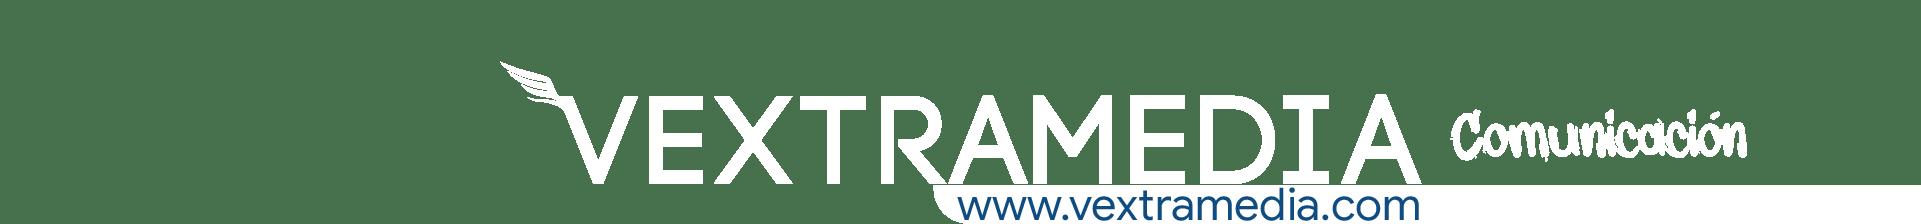 cabecera-Comunicacion-vextramedia-